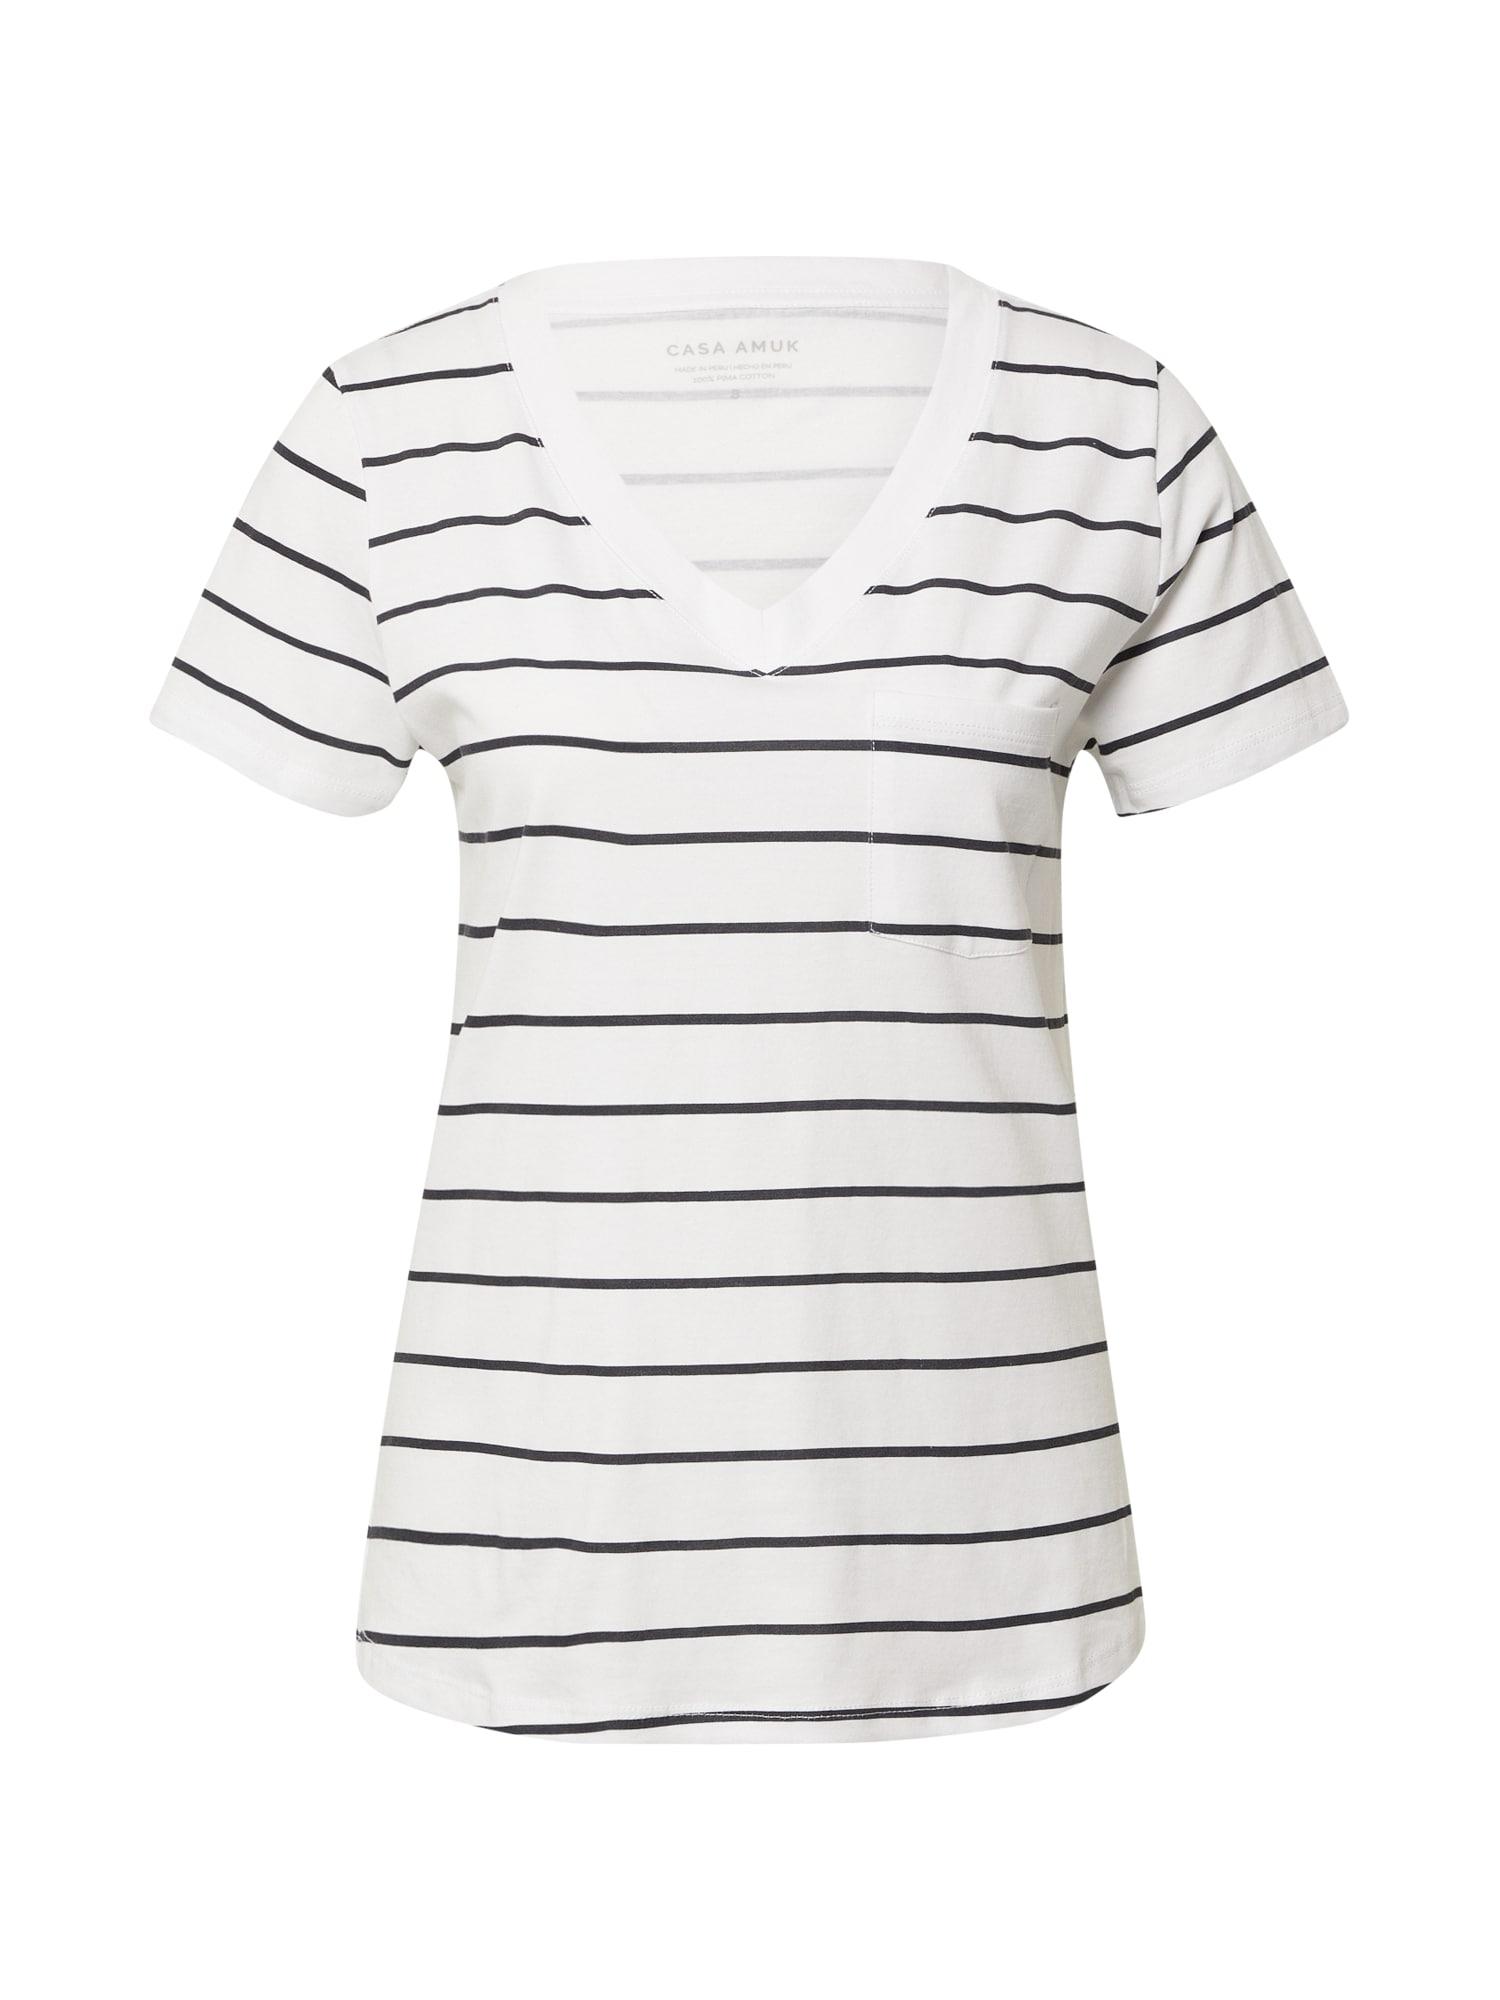 CASA AMUK Marškinėliai balta / juoda